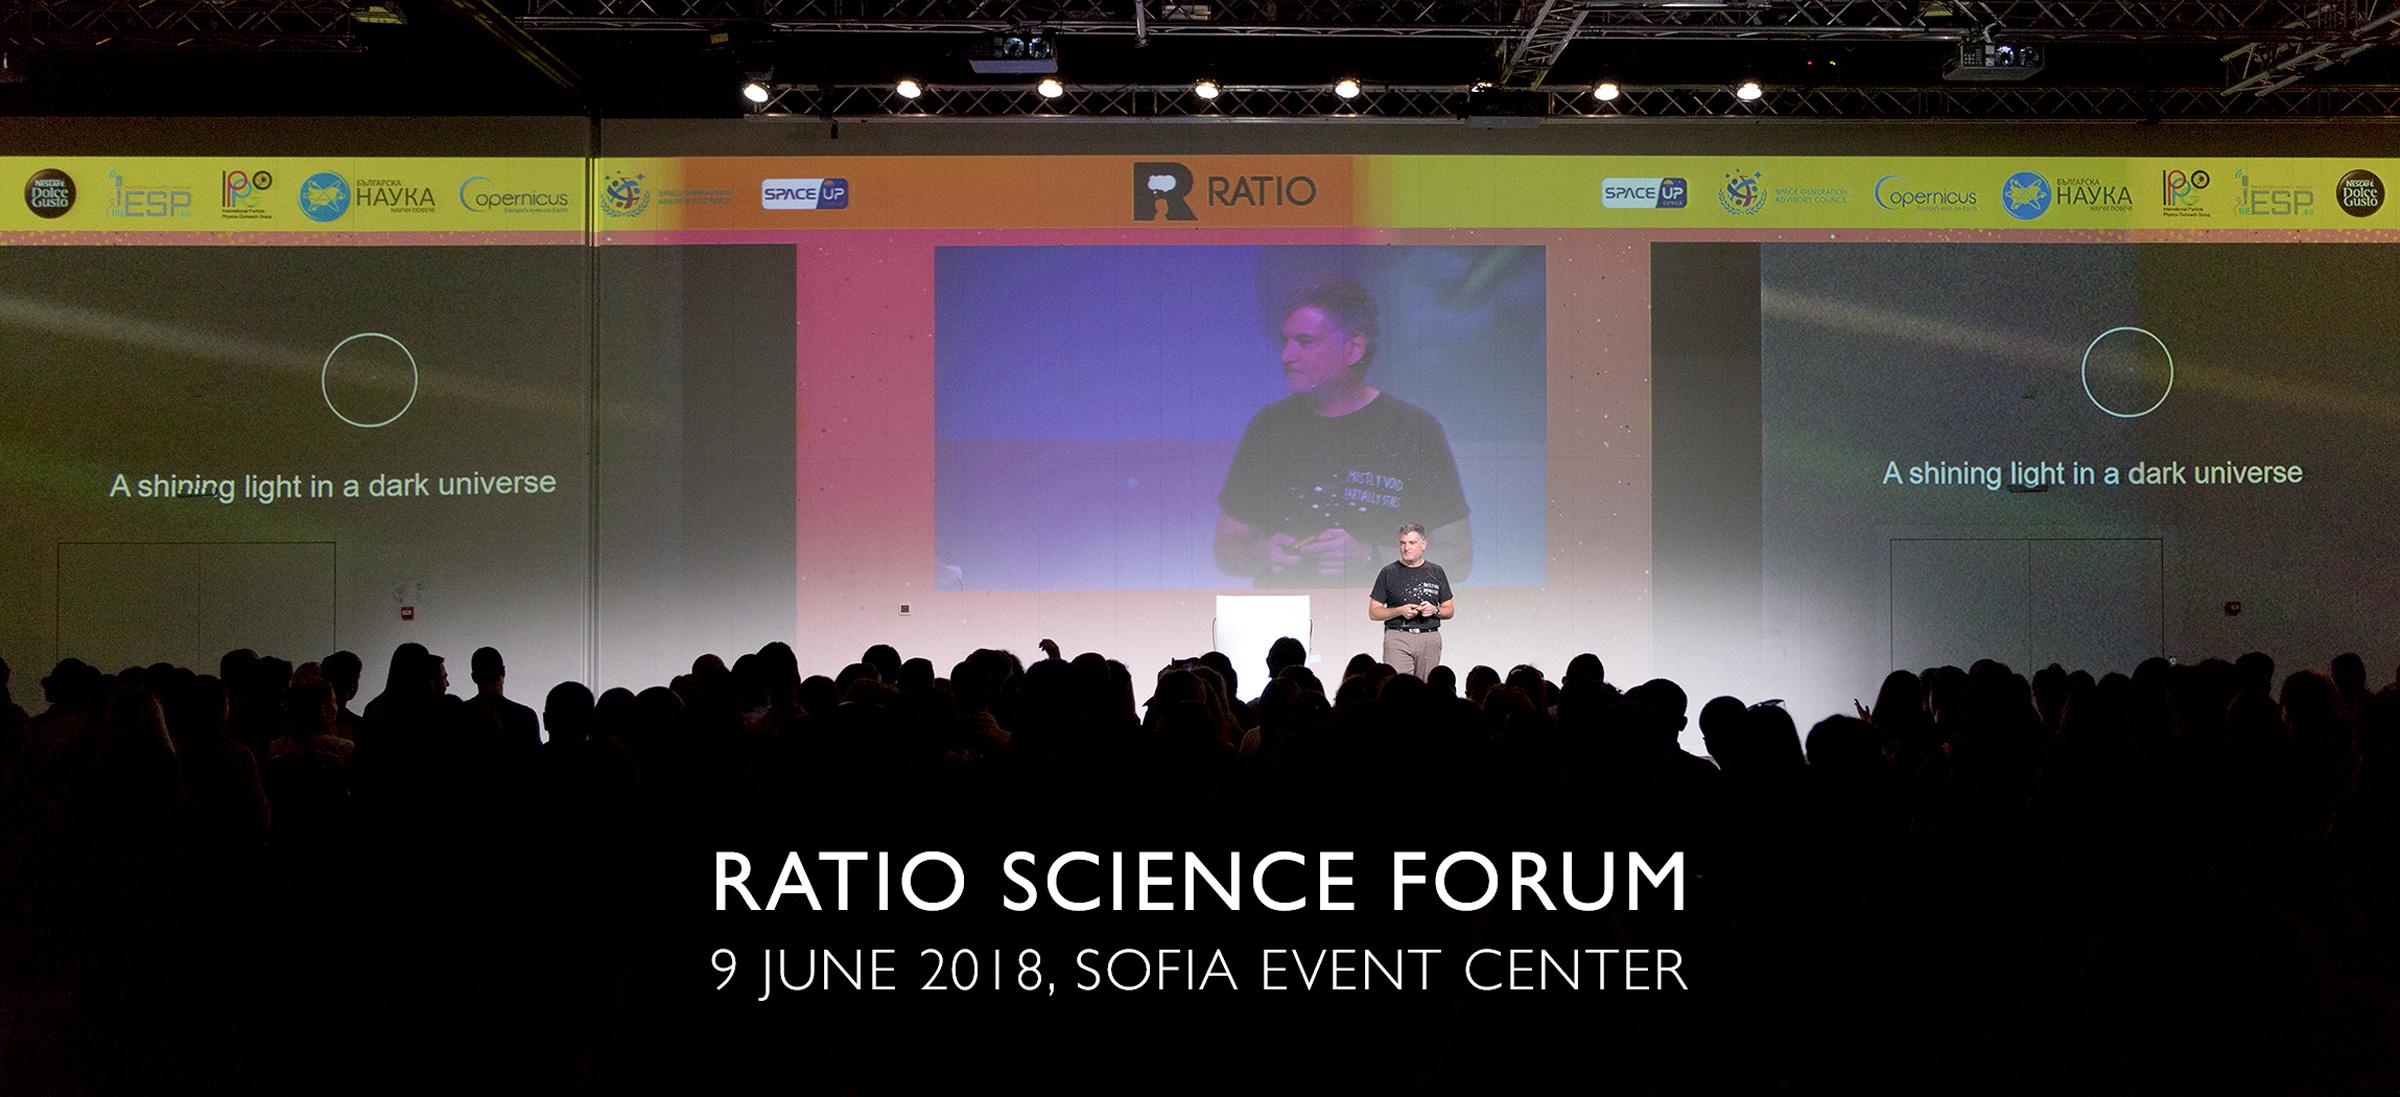 На 9 юни науката ще завладее София с осмото издание на форума на Ratio